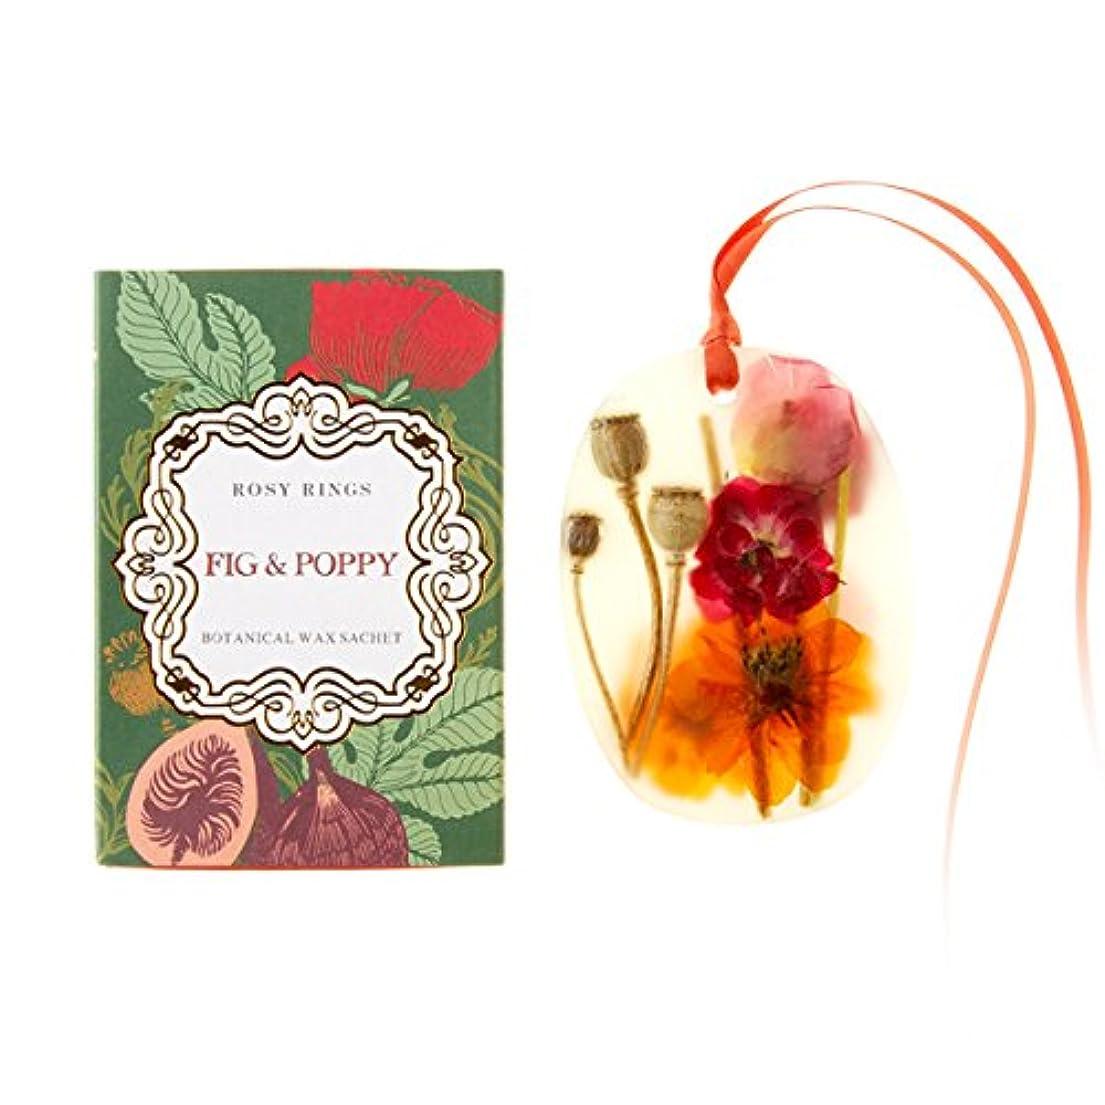 準備した赤かるロージーリングス プティボタニカルサシェ フィグ&ポピー ROSY RINGS Petite Oval Botanical Wax Sachet Fig & Poppy